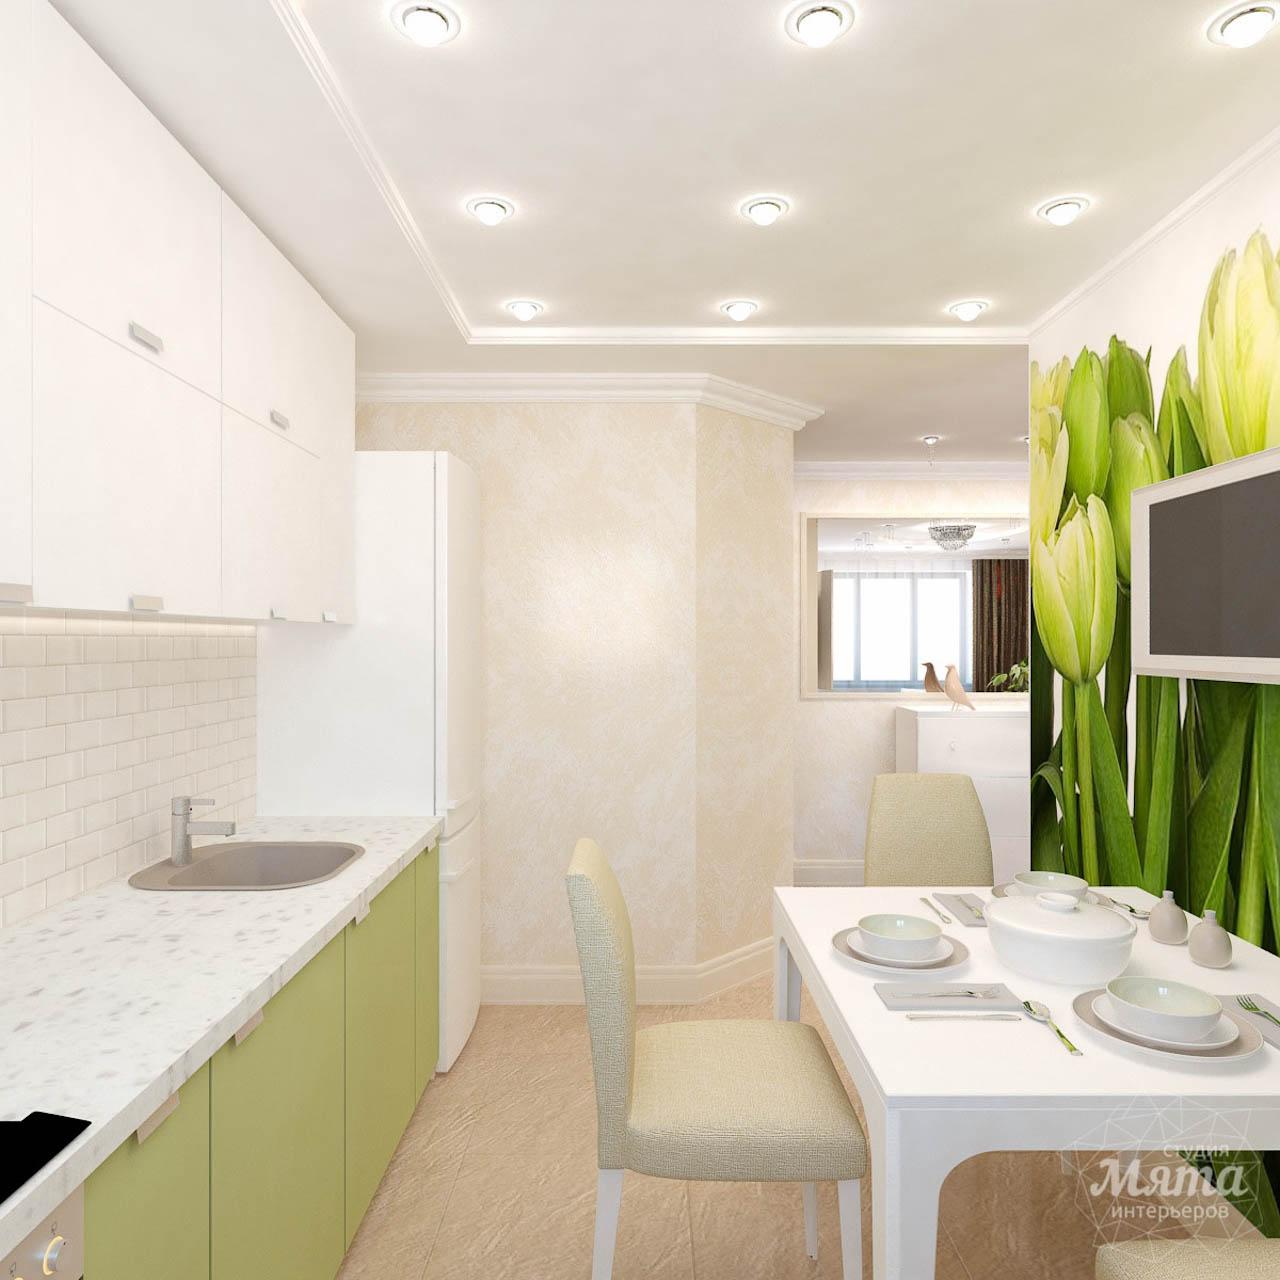 Дизайн интерьера двухкомнатной квартиры по ул. Бебеля 156 img1007197562